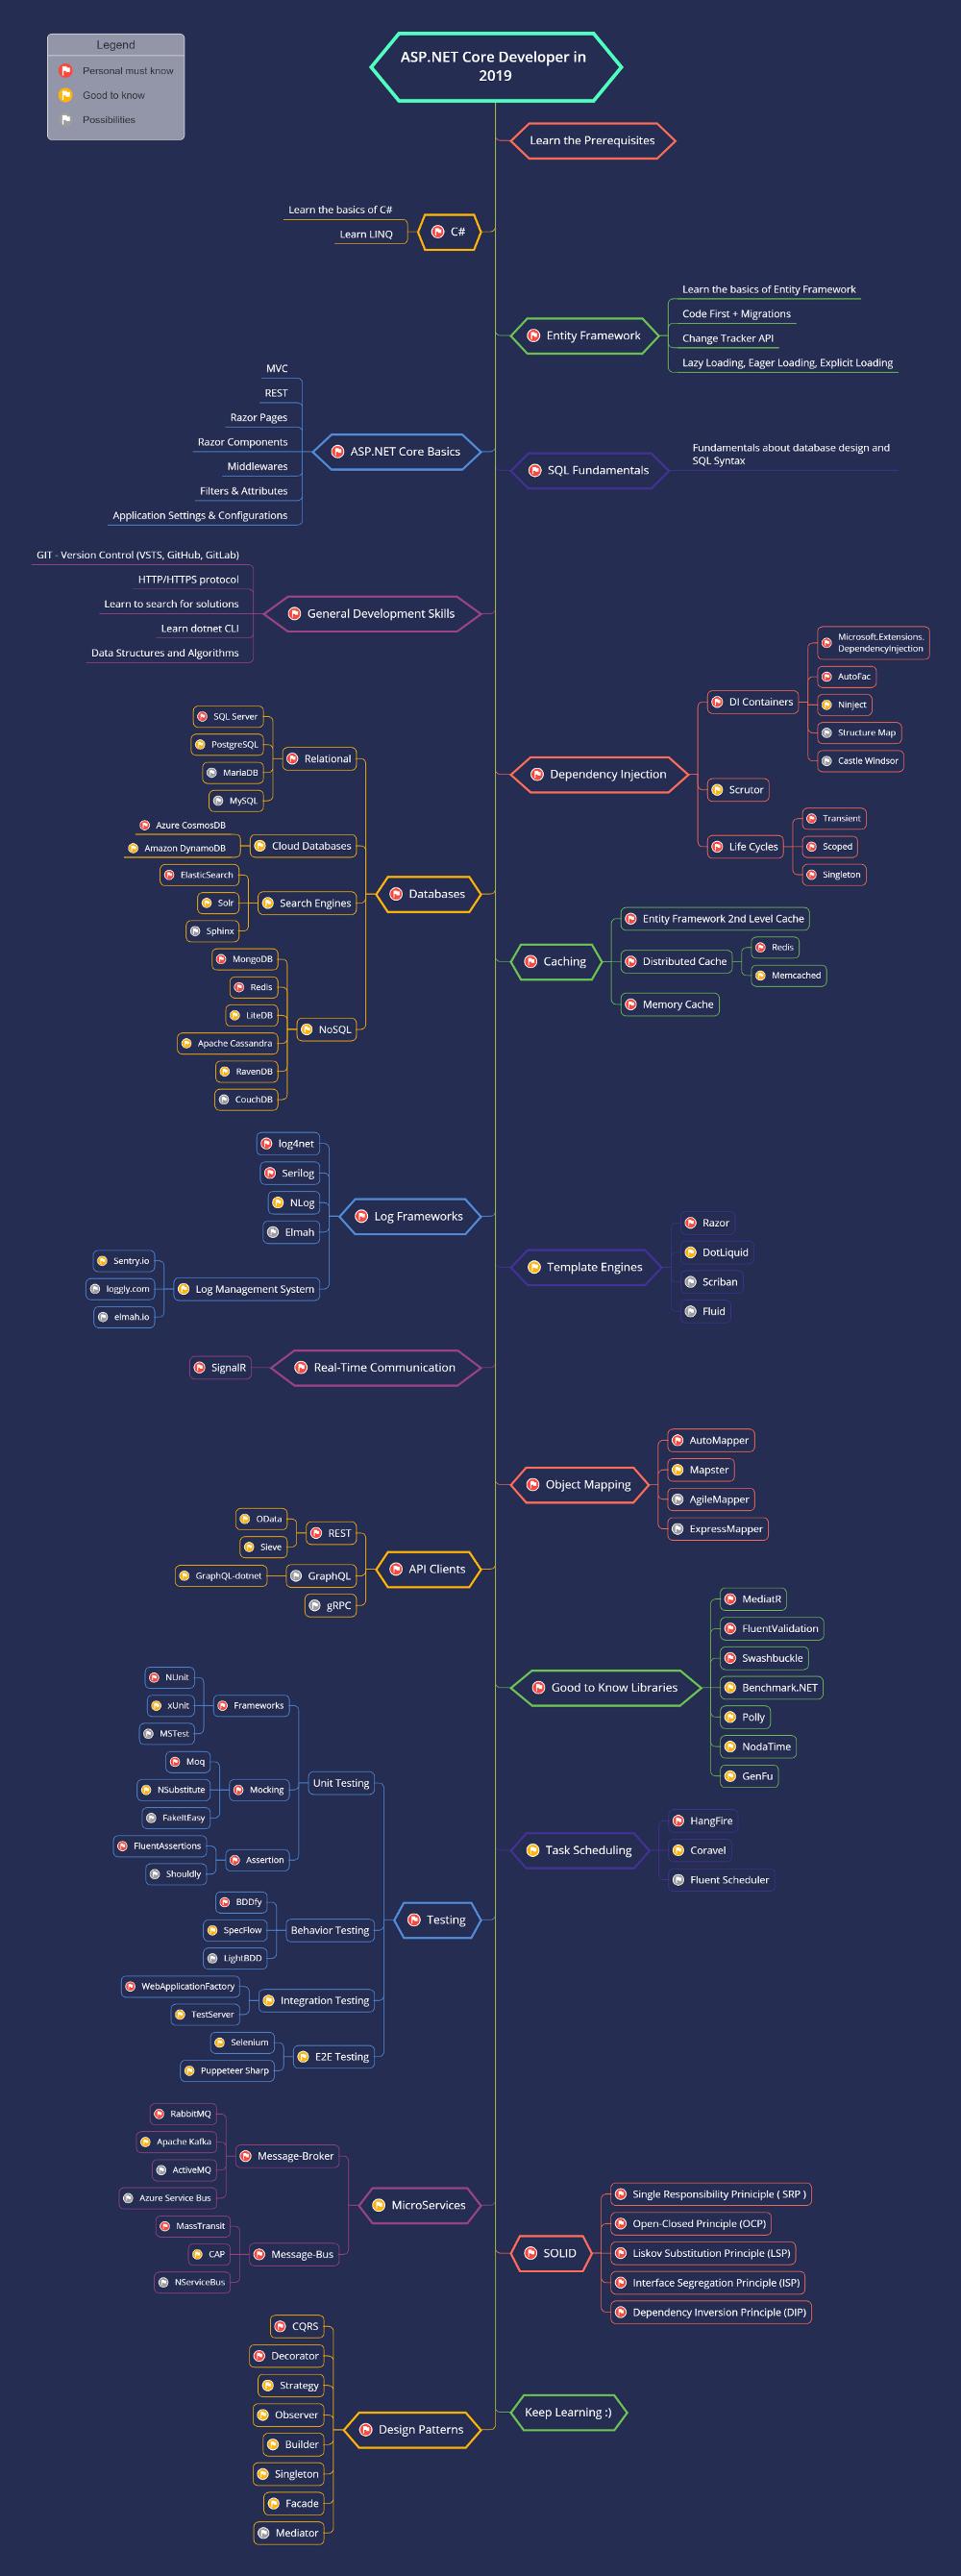 Asp.NET Core Roadmap